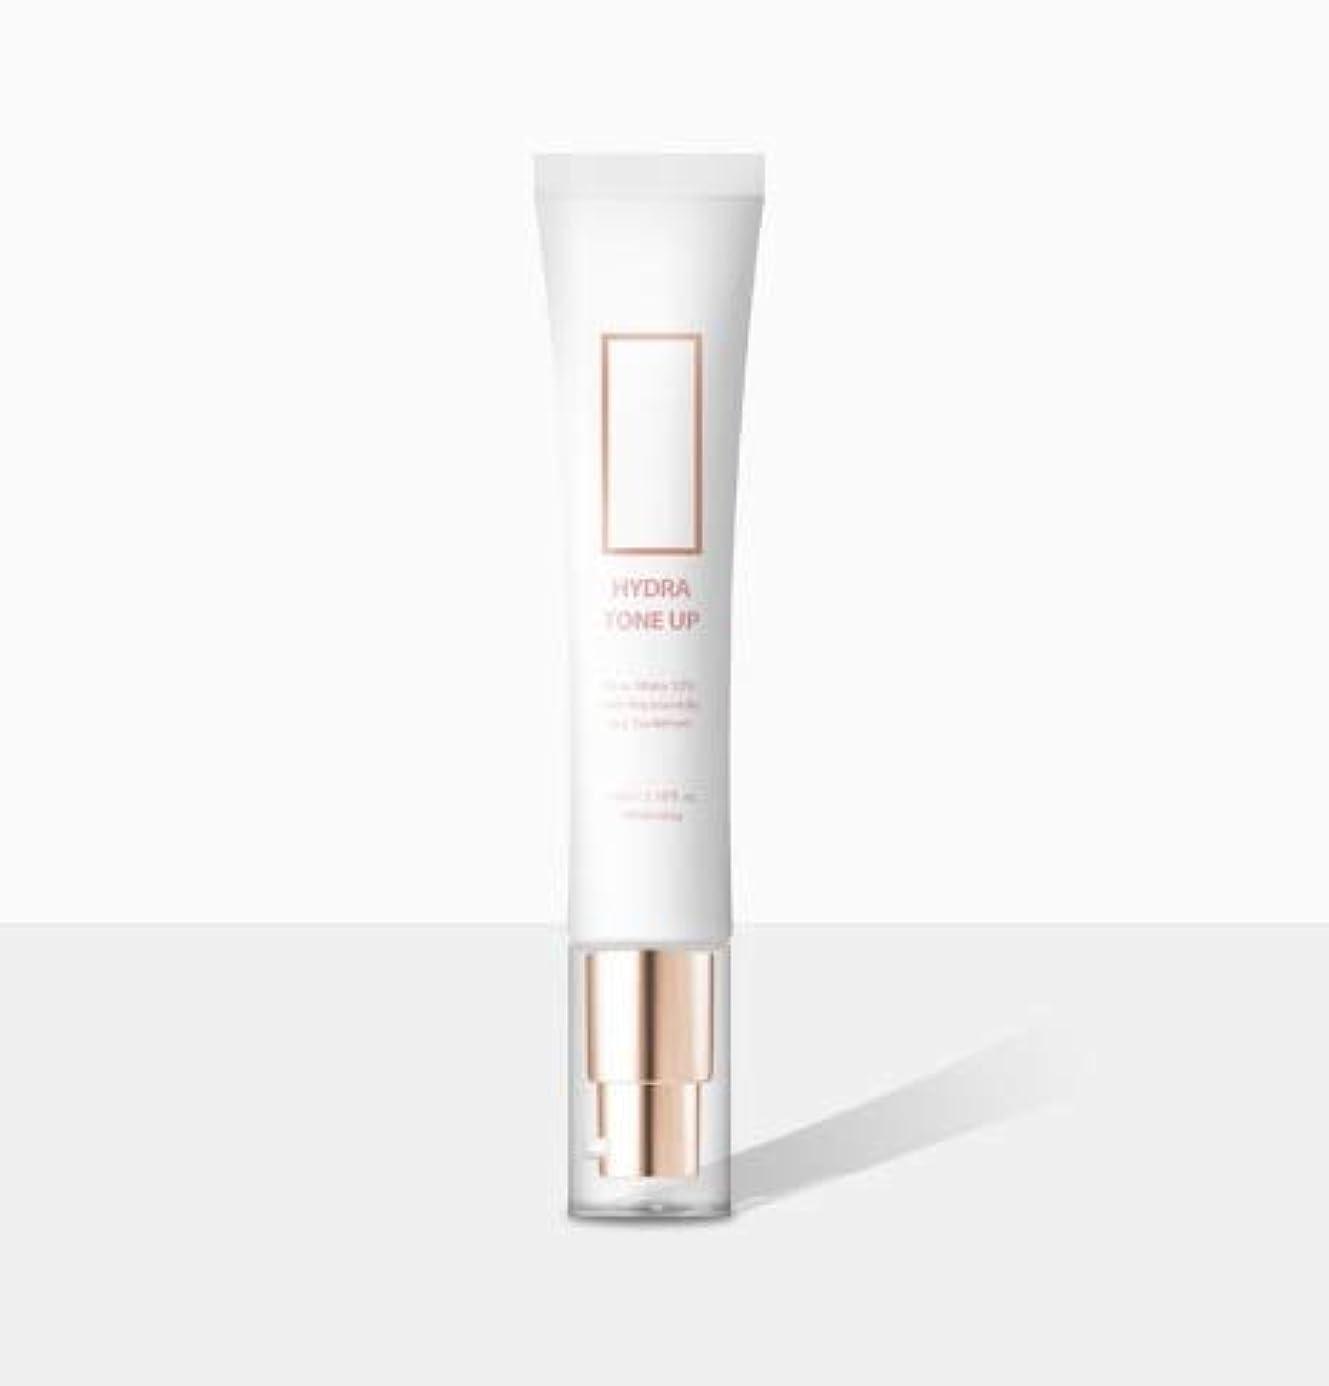 耐えられないハード持っているAIDA 10mgRx ヒドラトーンアップクリーム 35ml (すべての肌タイプのために、明るくしわ) / Hydra Tone-Up Cream